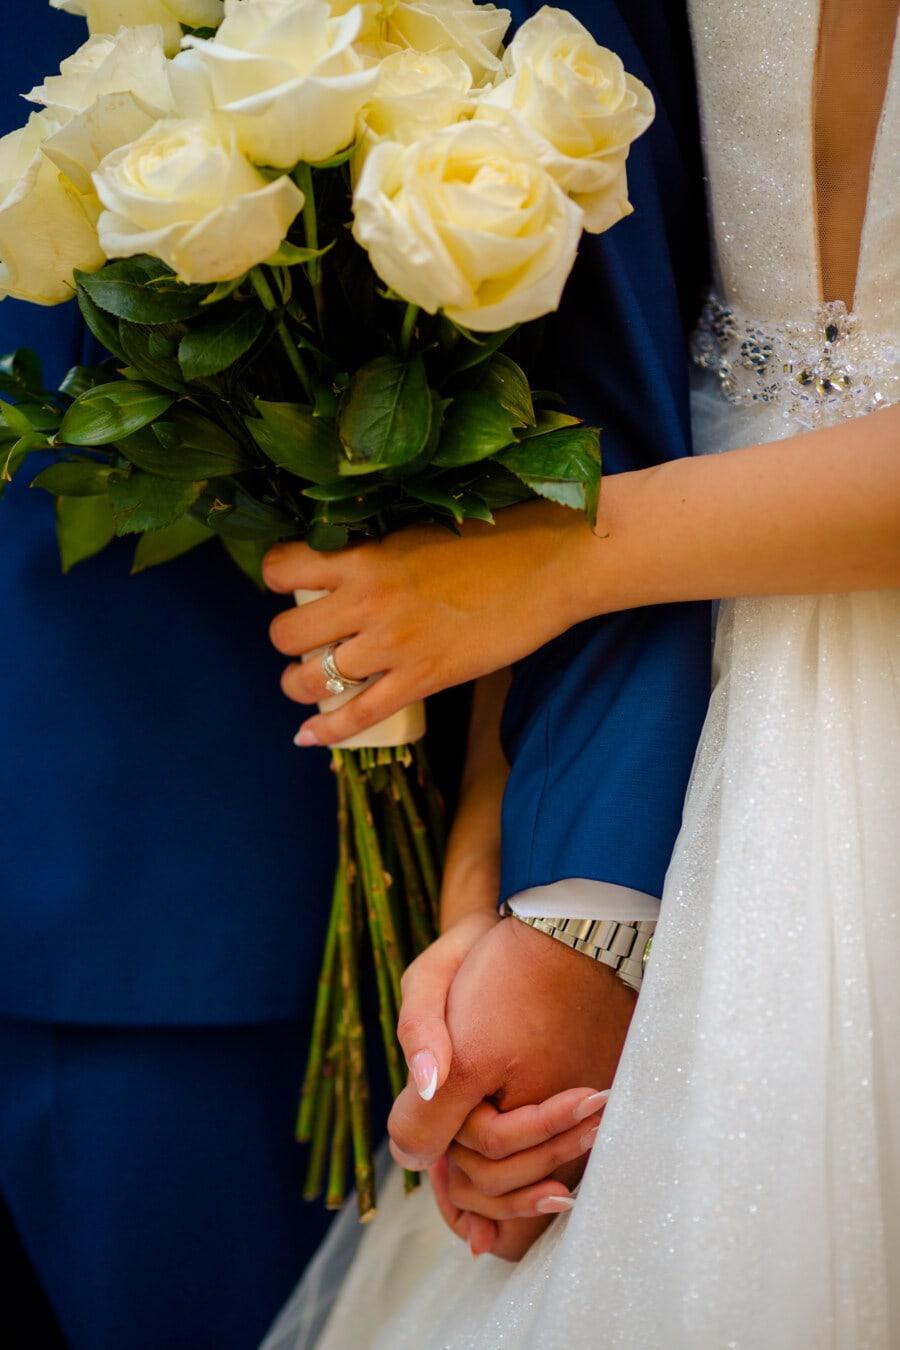 bouquet de mariage, mariage, mariage, main dans la main, des roses, fleur blanche, bouquet, engagement, fleur, la mariée